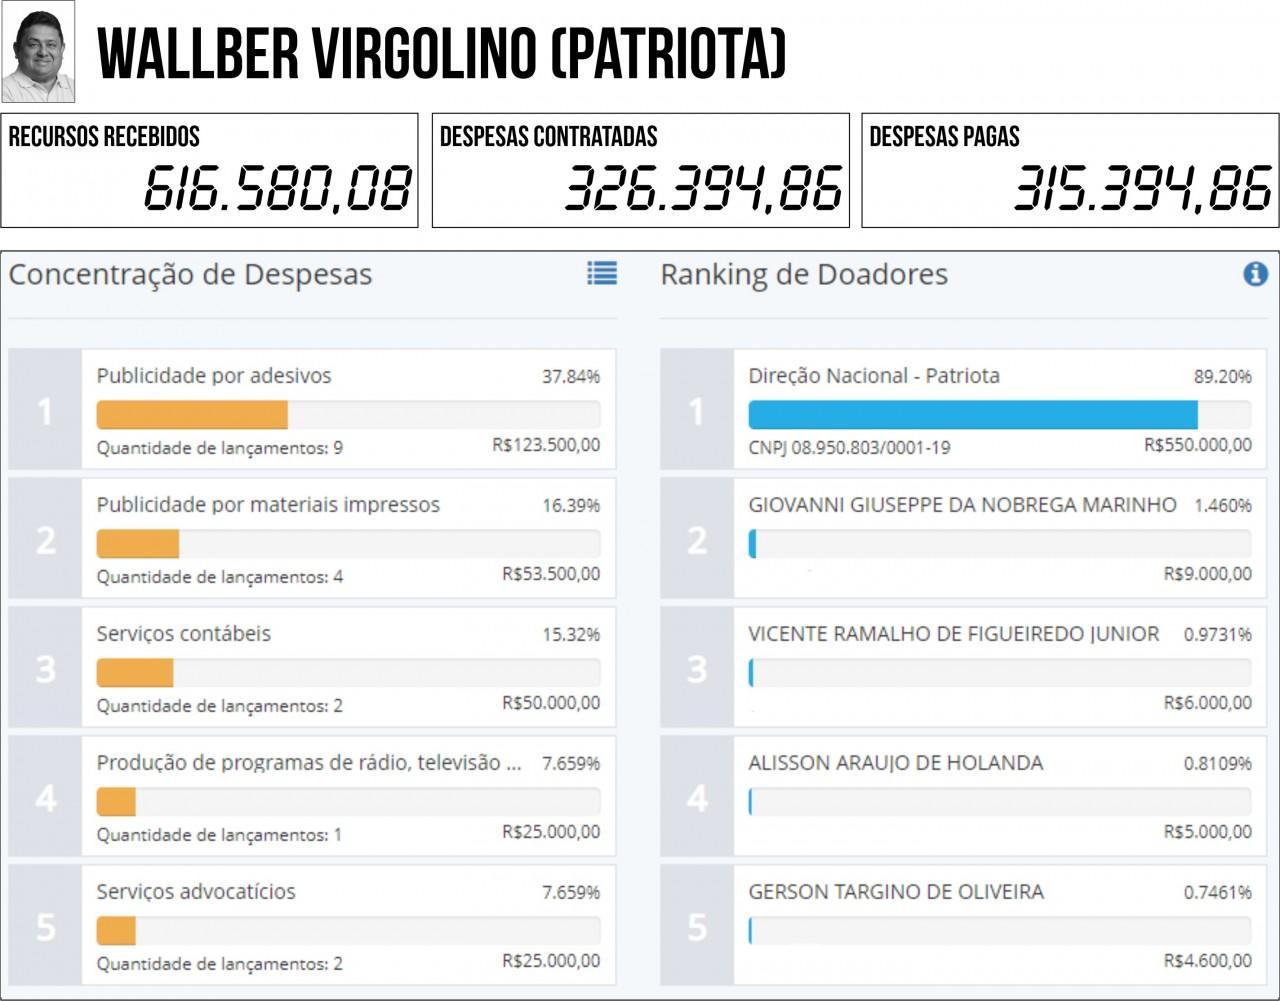 WALLBER VIRGOLINO PATRIOTA - 2ª PRESTAÇÃO DE CONTAS: Seis candidatos à PMJP gastaram mais do que arrecadaram - VEJA QUEM SÃO